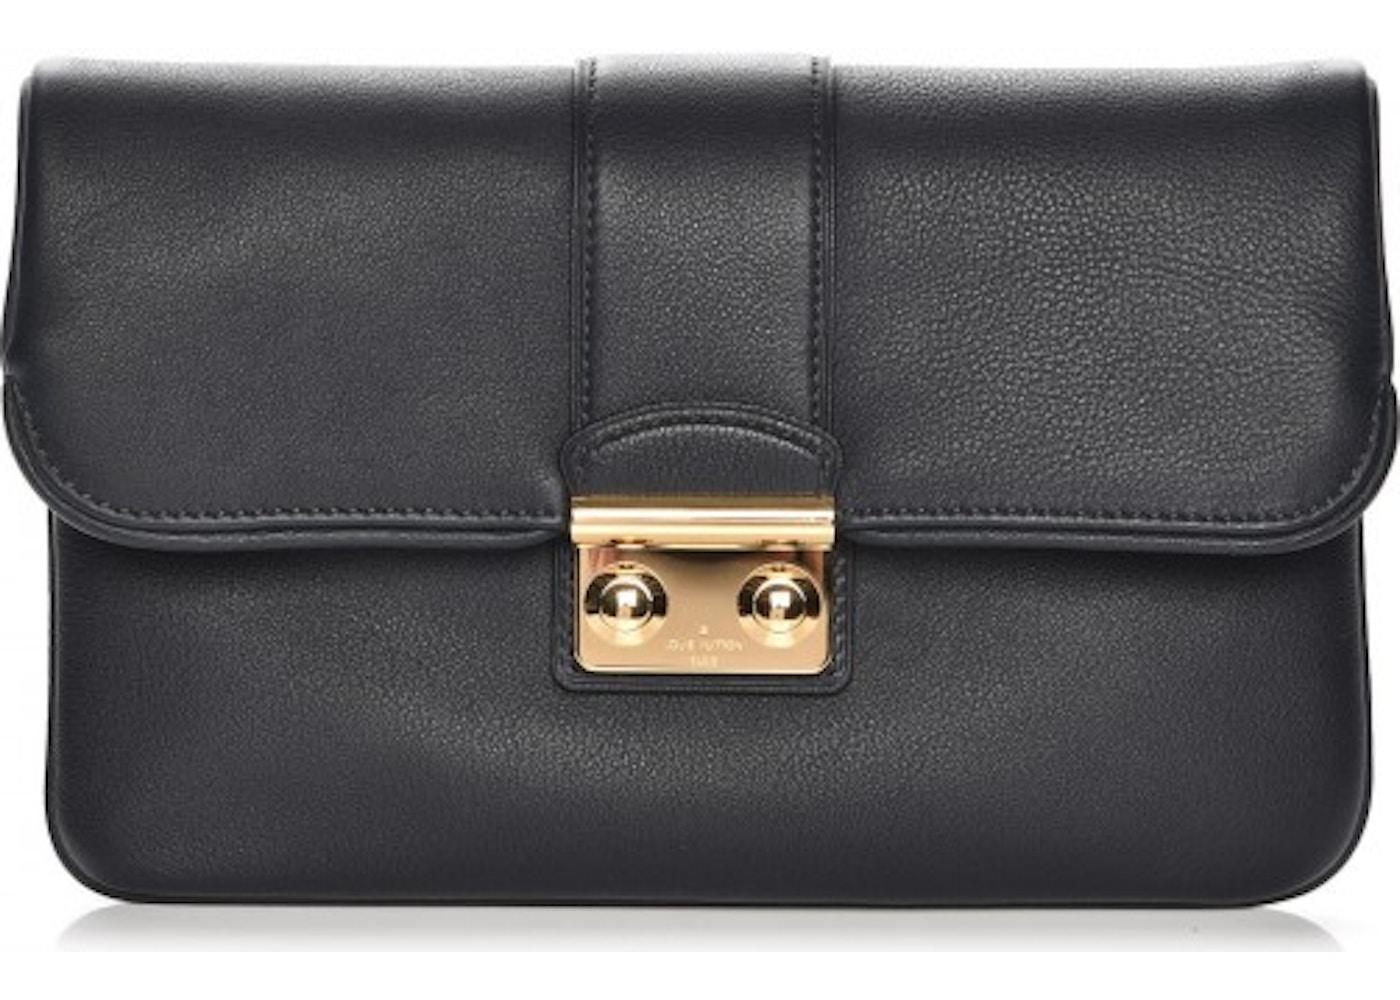 8c15d62eff7f Louis Vuitton Slim Clutch Sofia Coppola MM Cobalt. MM Cobalt